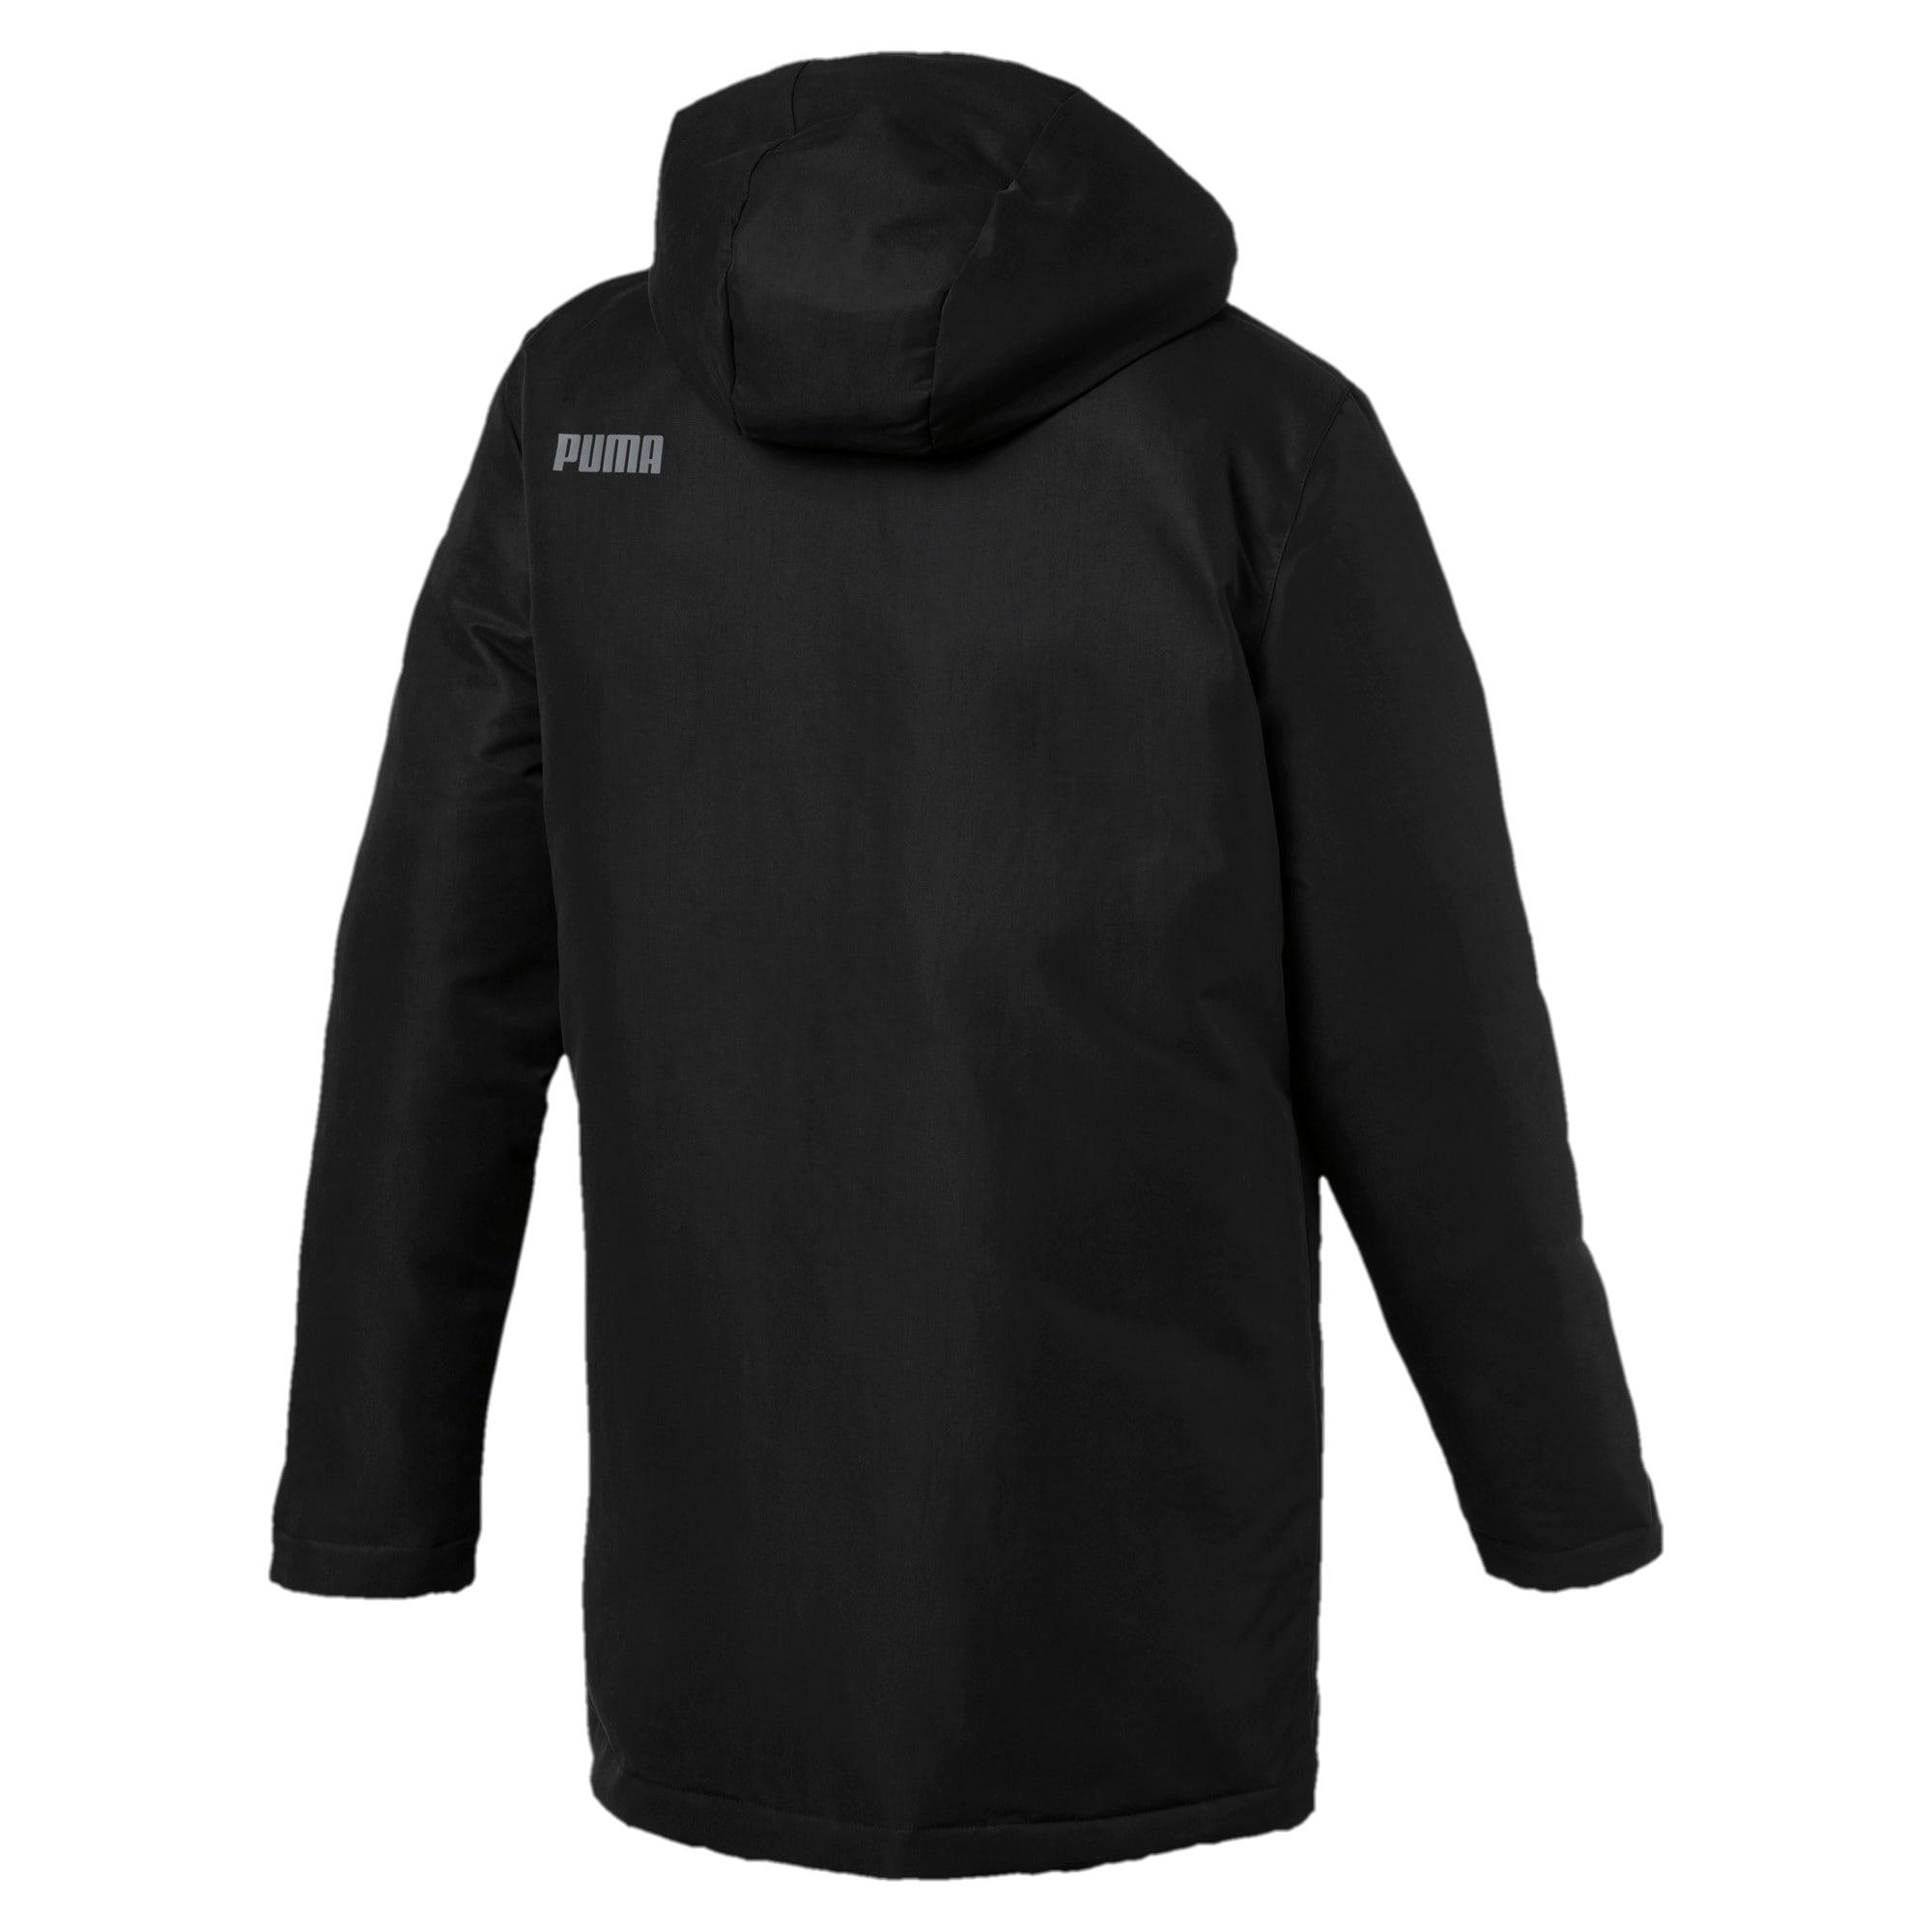 Thumbnail 5 of Essentials Protect Men's Jacket, Puma Black, medium